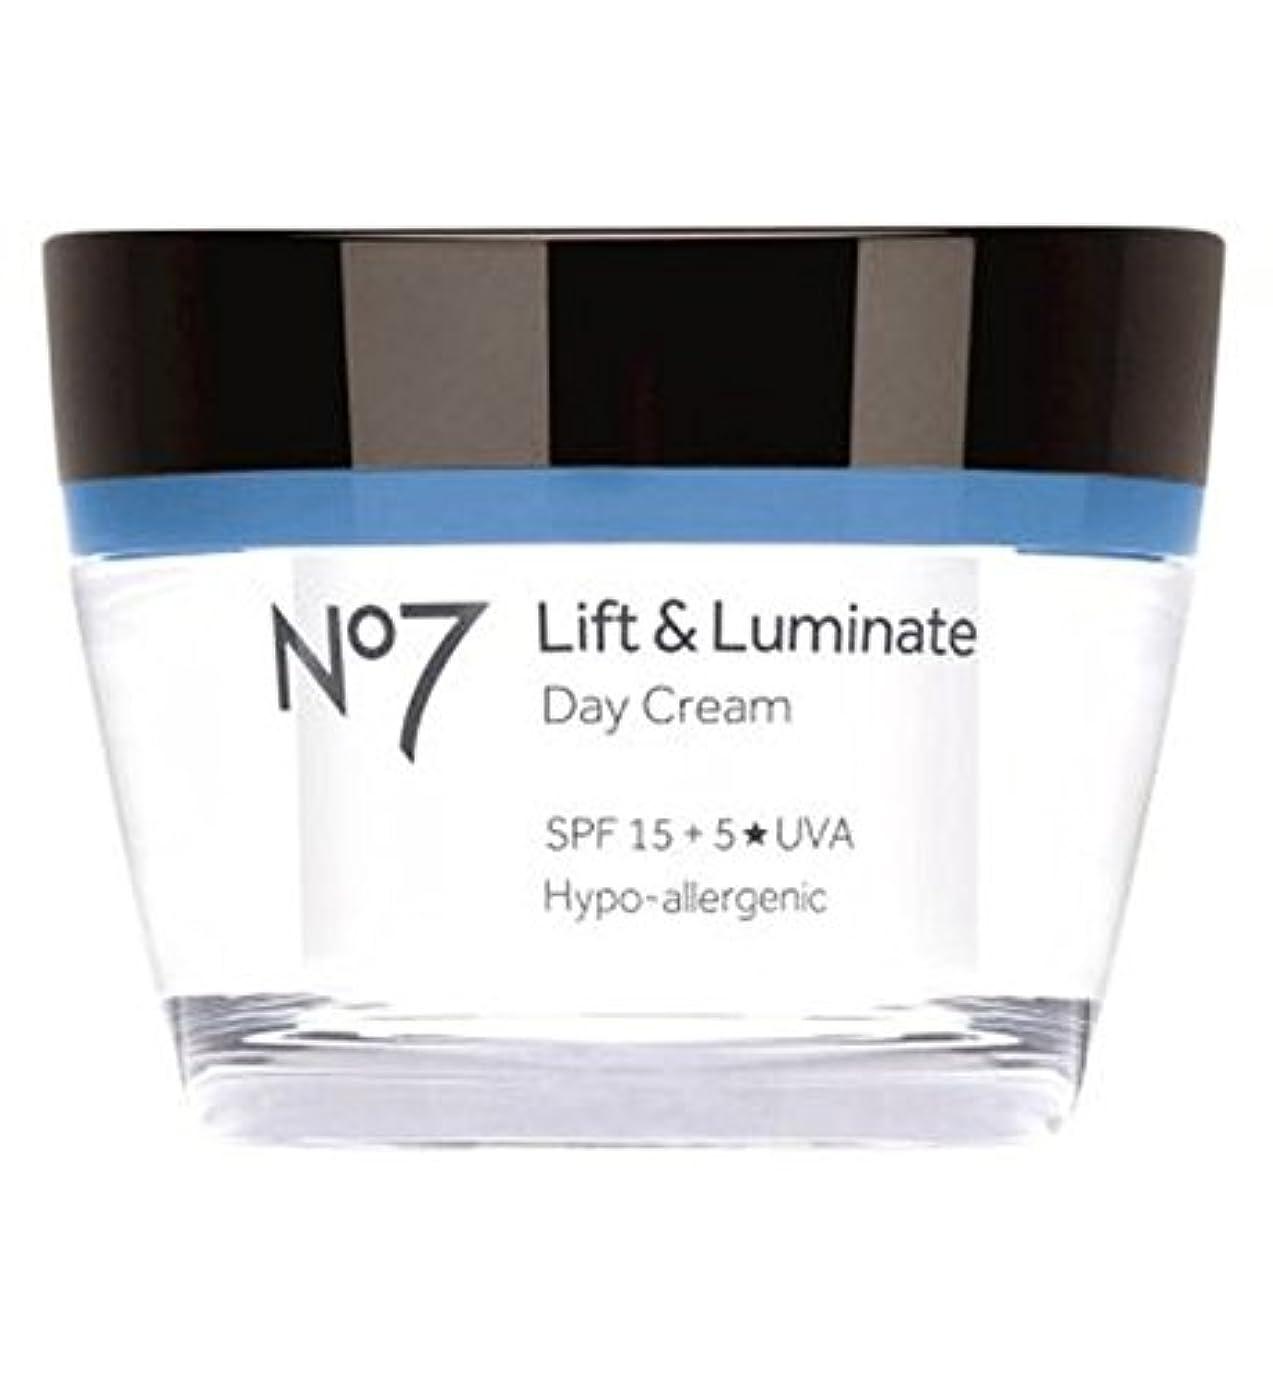 詳細な雨夢No7 Lift & Luminate Day Cream SPF 15 - No7リフト&LuminateデイクリームSpf 15 (No7) [並行輸入品]